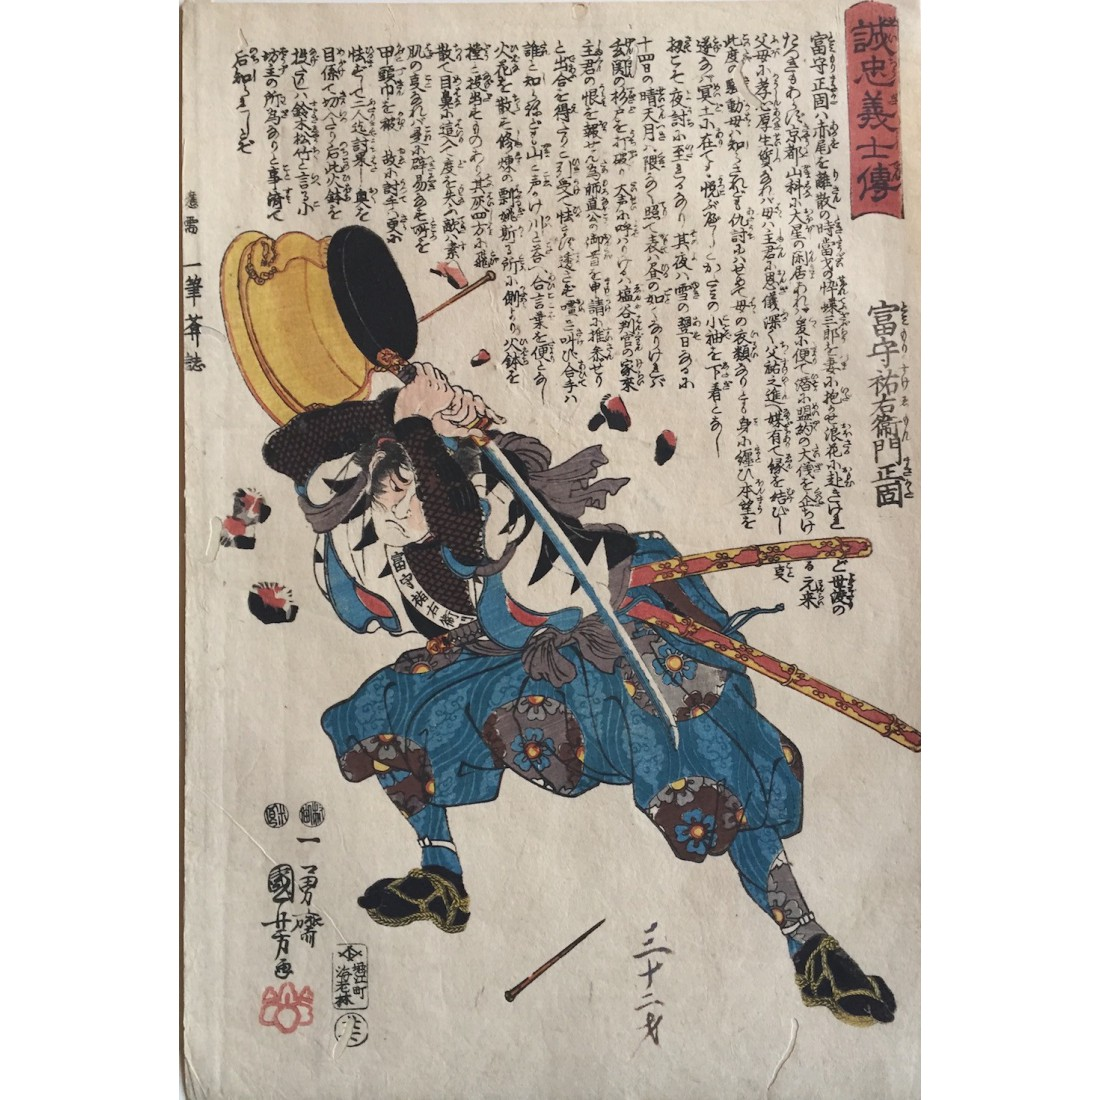 Tomimori Suke-emon Masakata